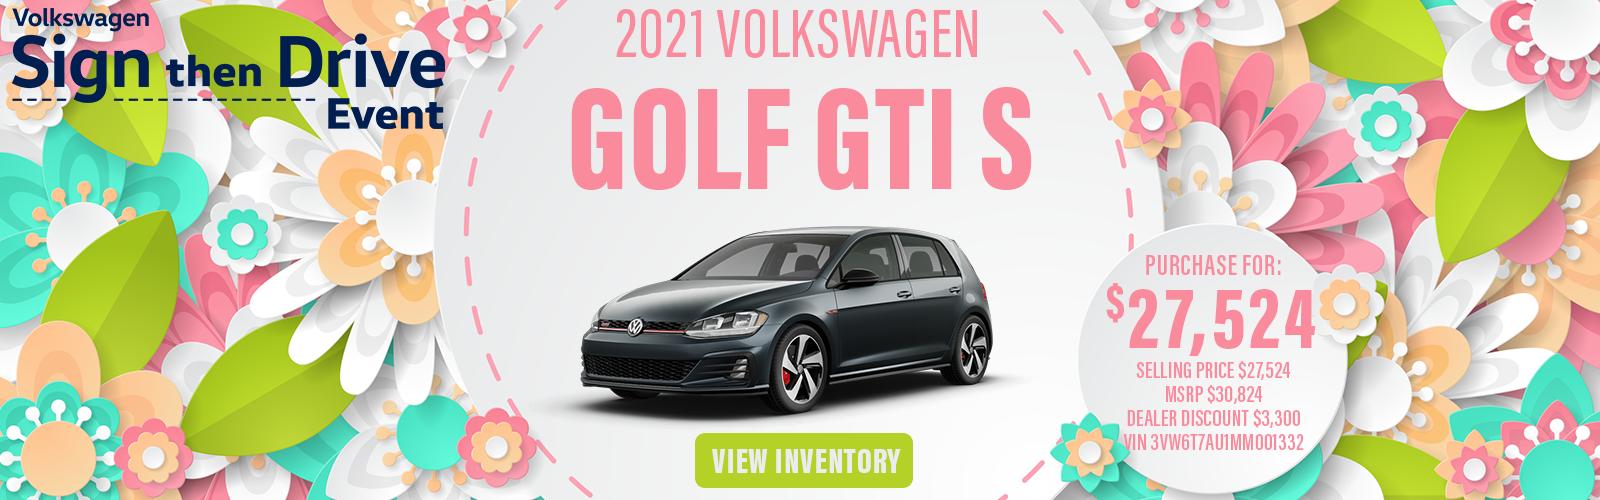 JoeHolland_GolfGTIS_banner